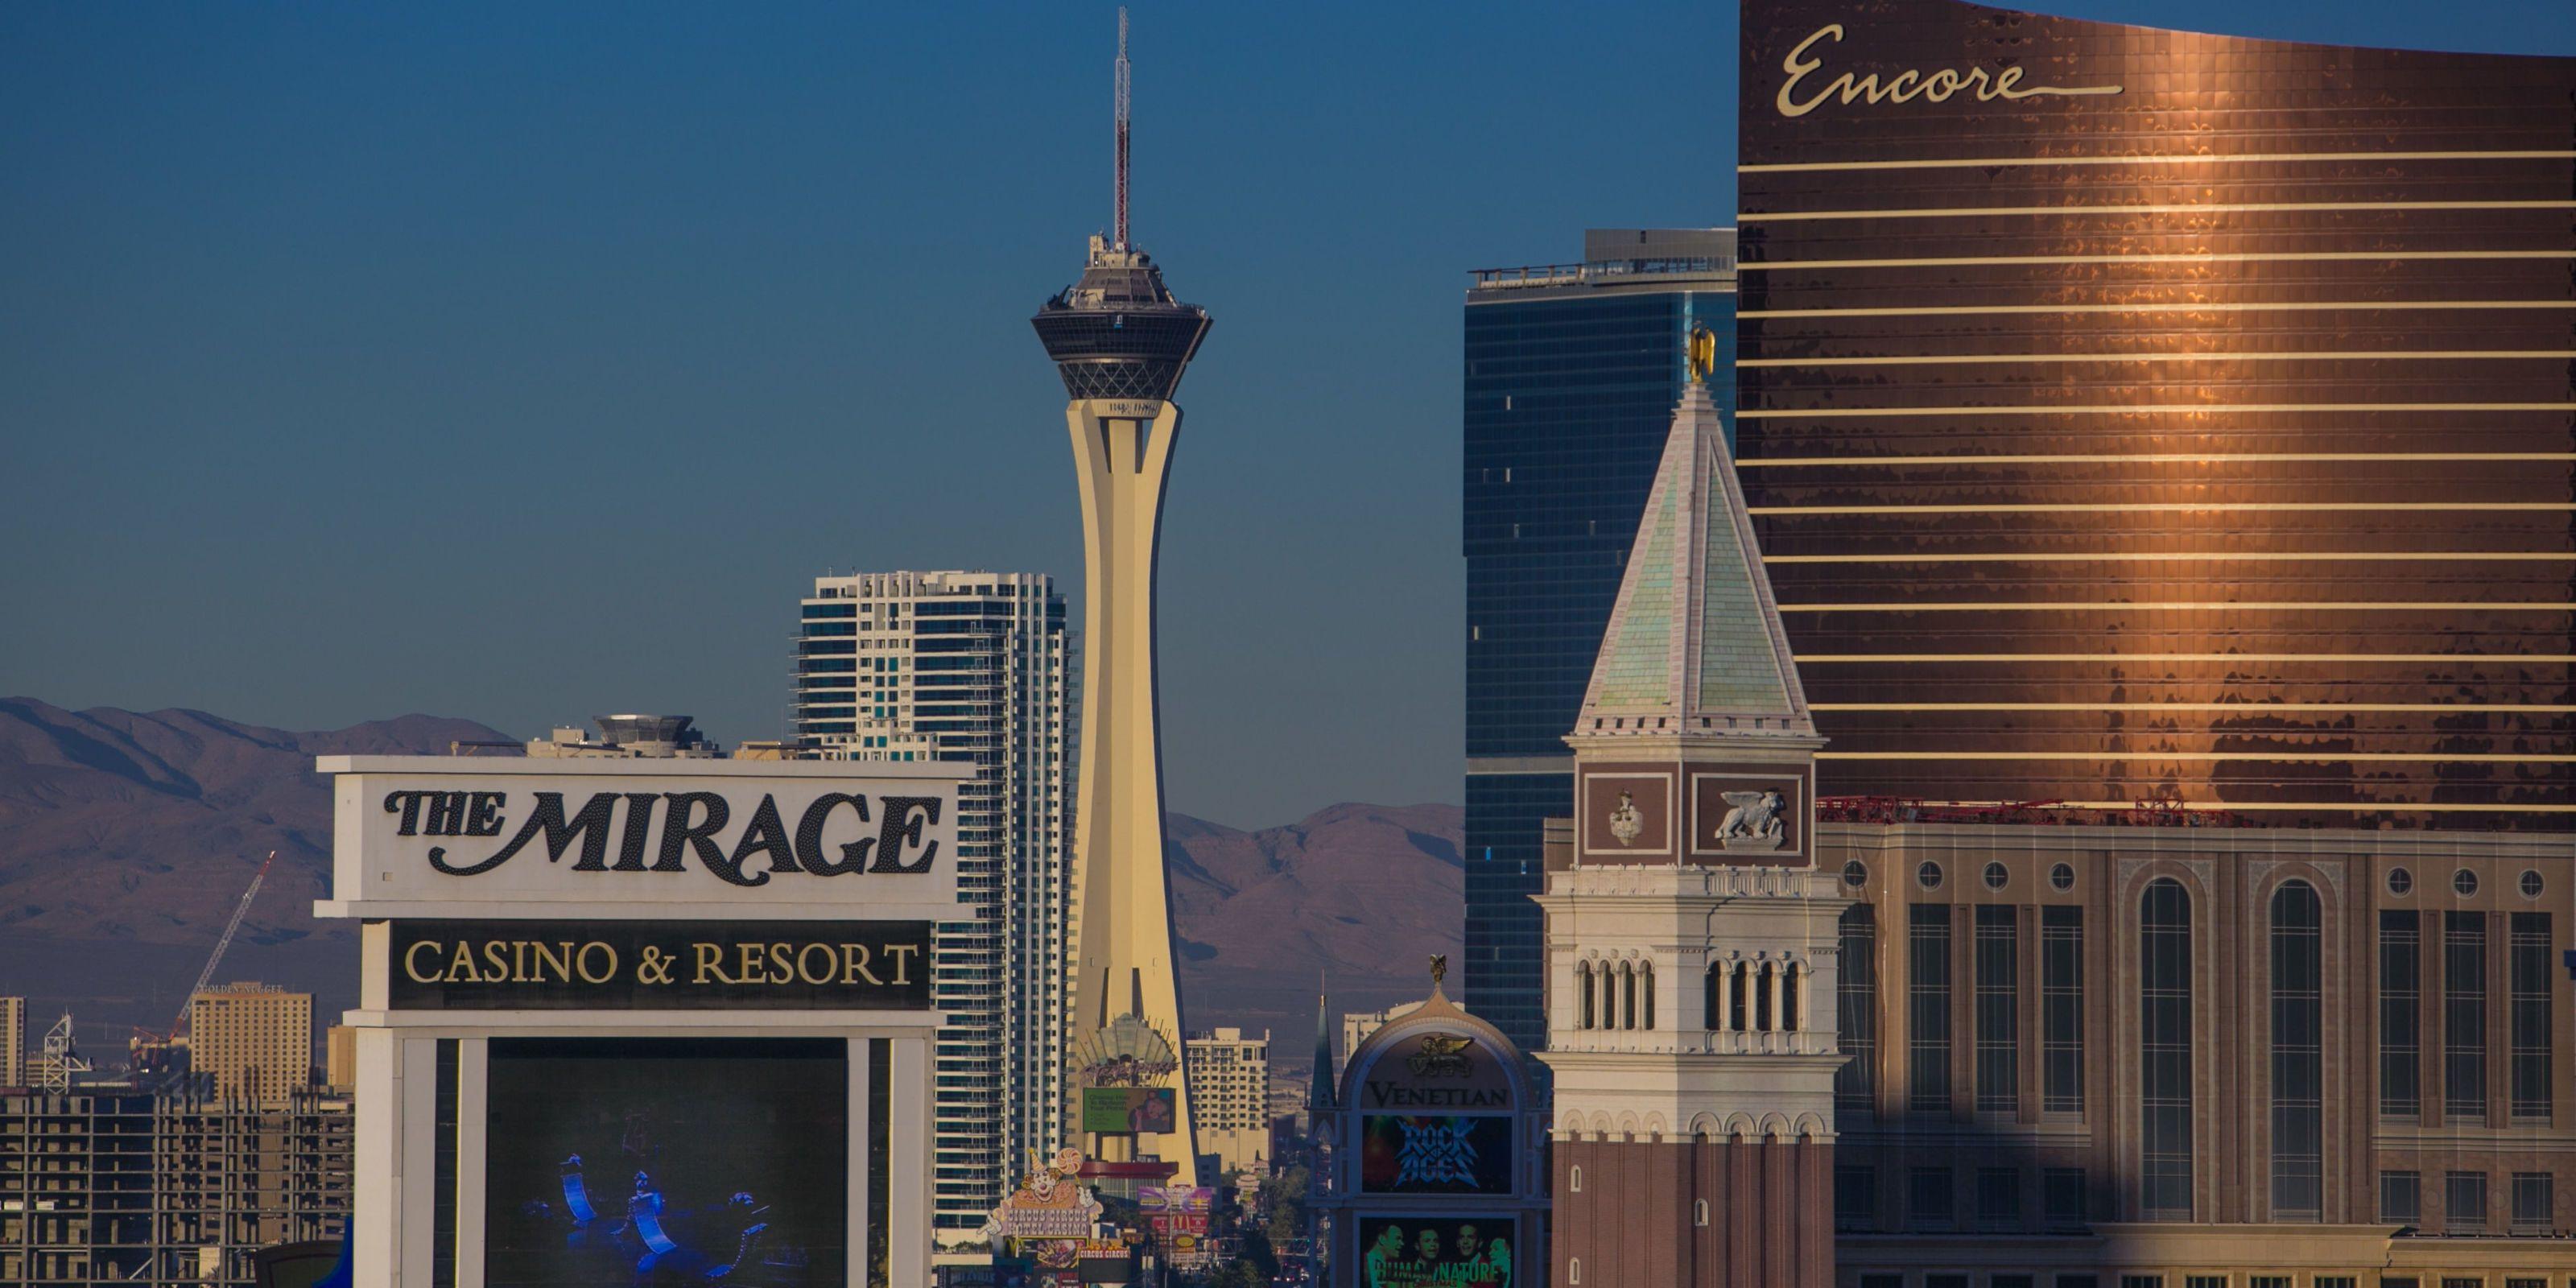 miglior sesso bar Vegas datazione descrizione personale